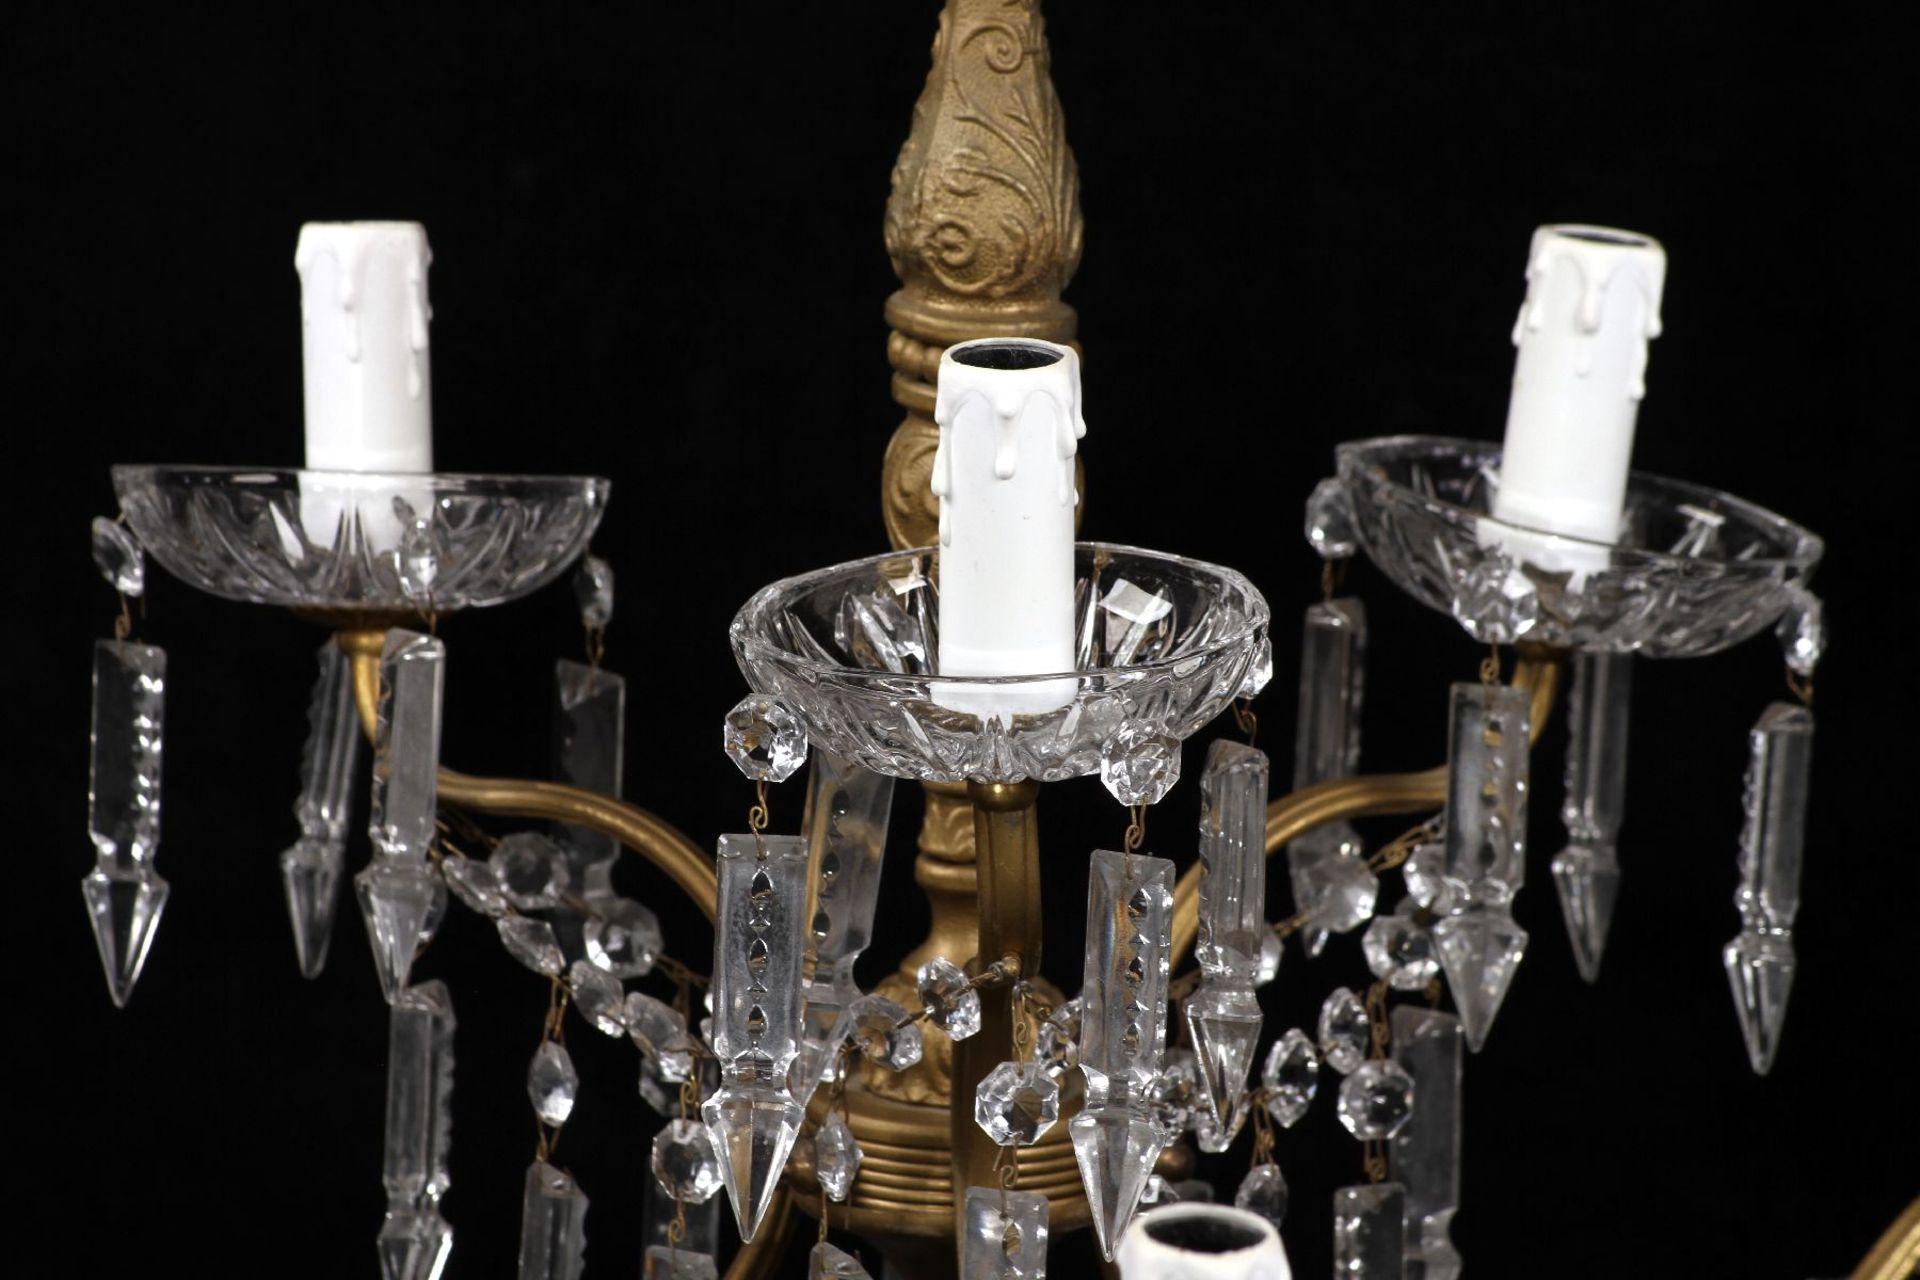 Kristallleuchter, Metallkorpus mit floralen Verzierungen - Image 3 of 3